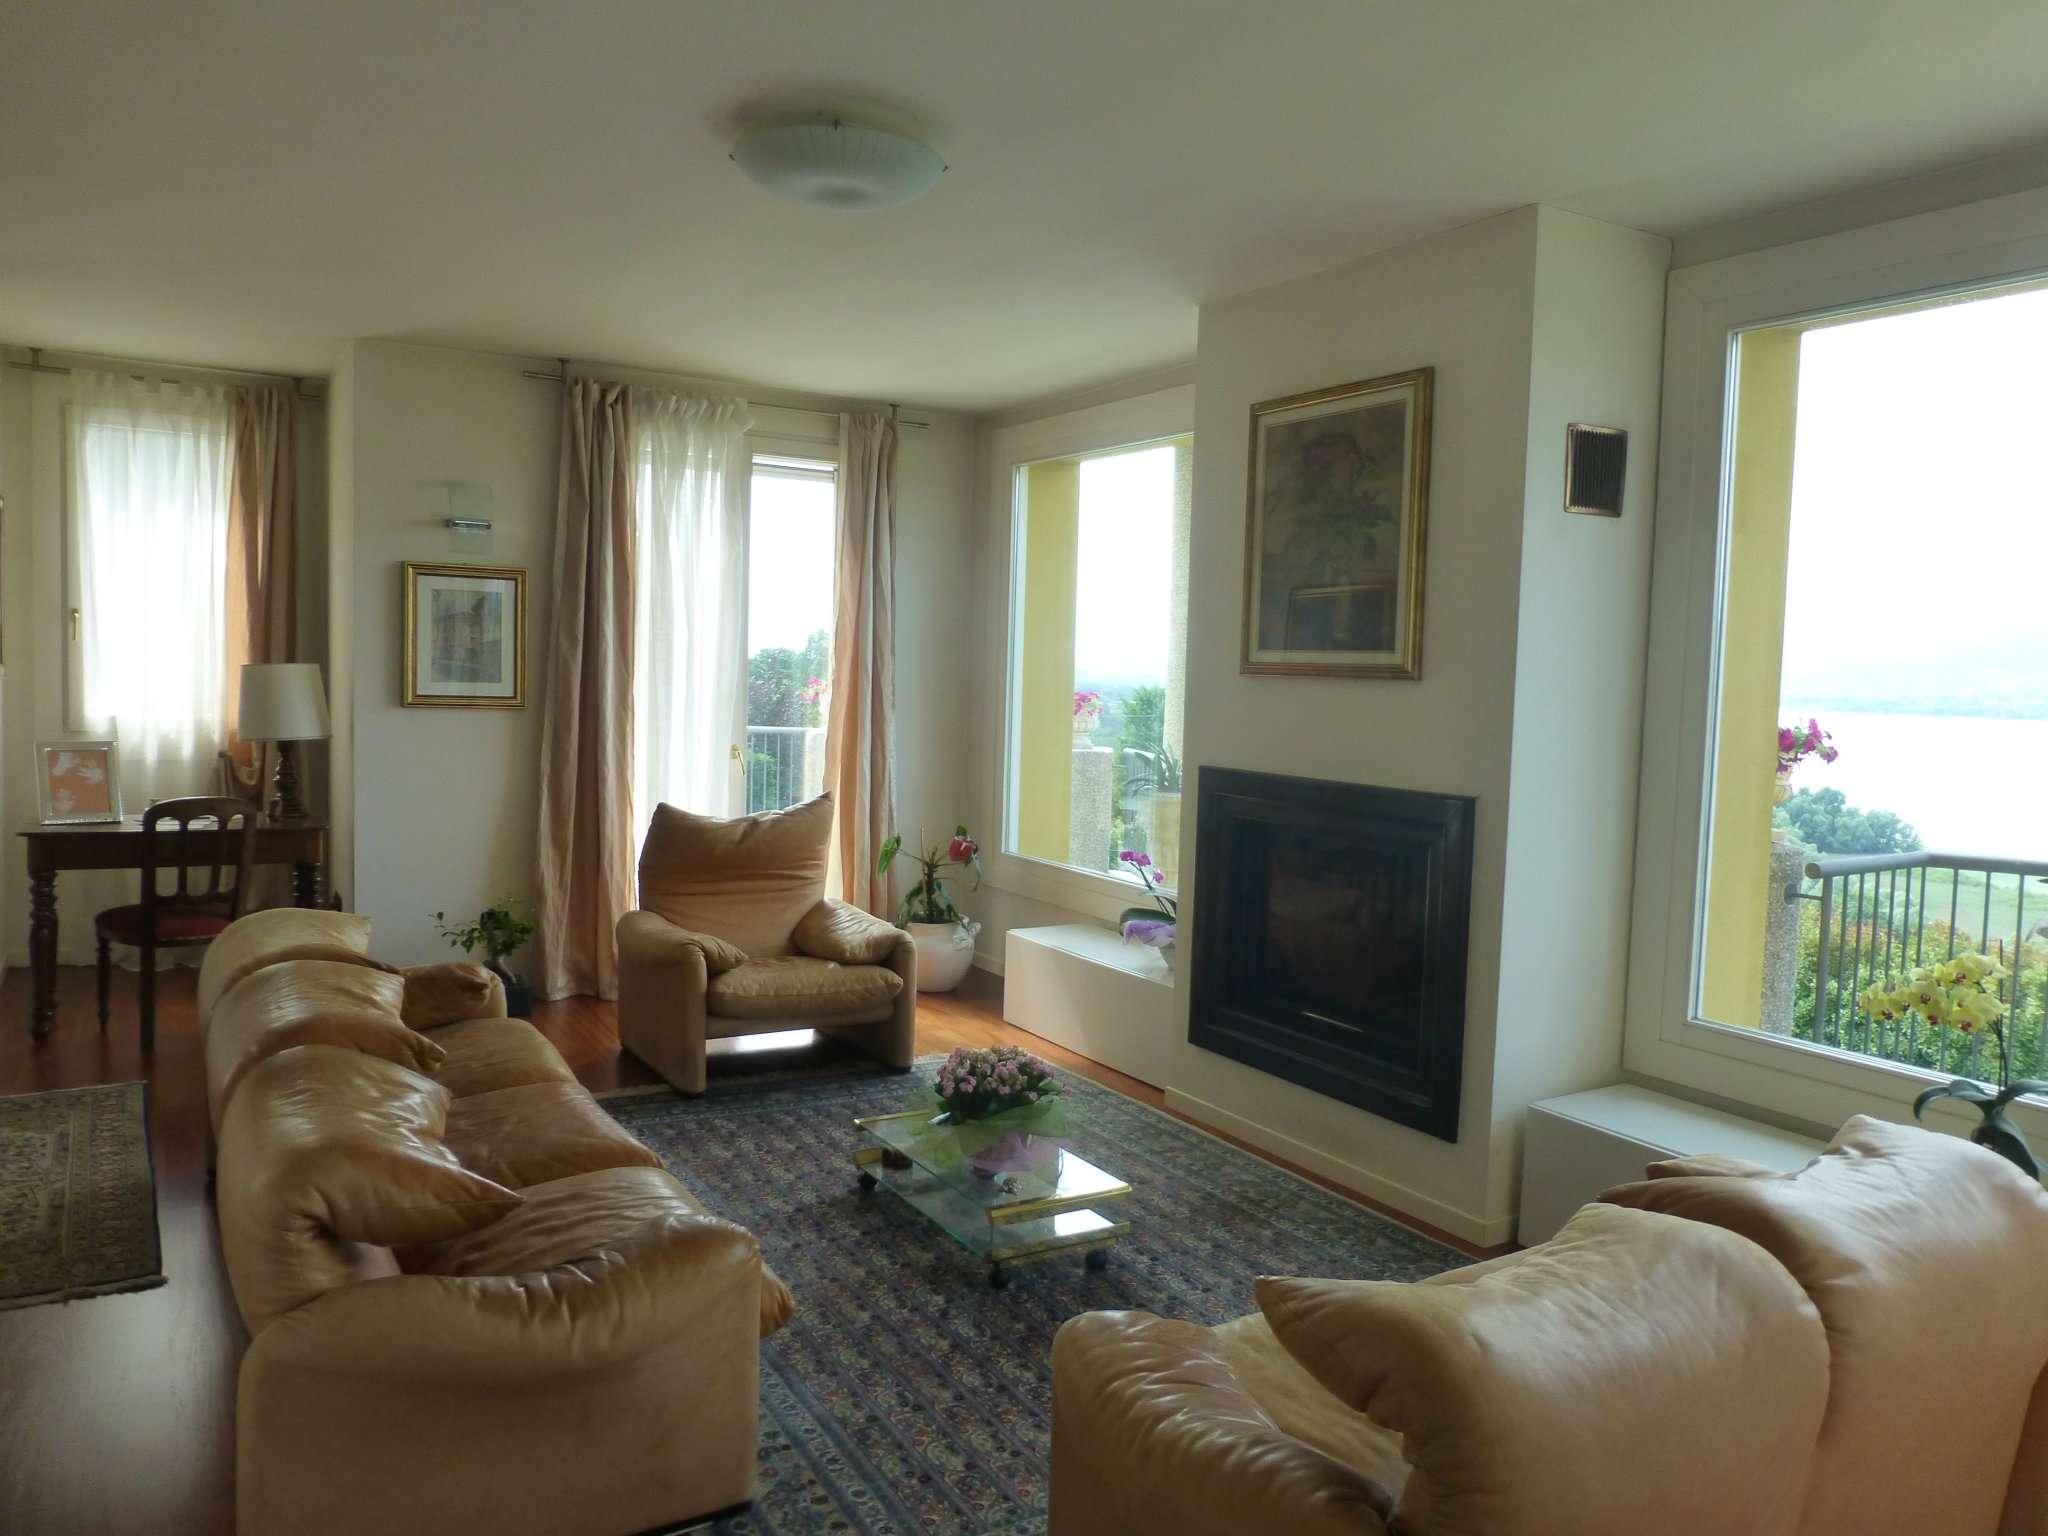 Villa in vendita a Galliate Lombardo, 15 locali, prezzo € 1.500.000 | Cambio Casa.it